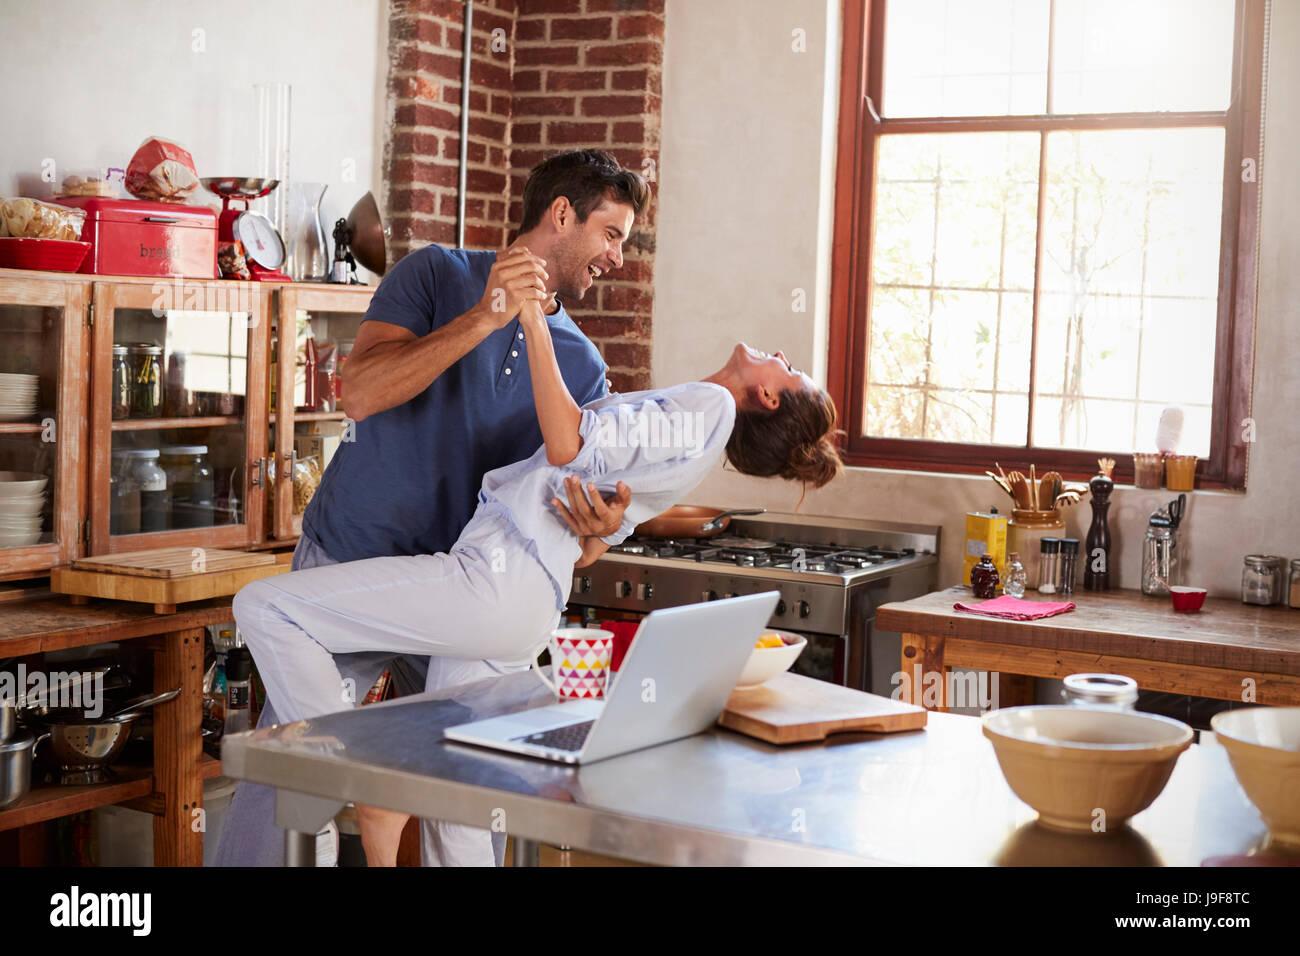 Hispanic Brautpaar tanzen in Küche am Morgen Stockfoto, Bild ...